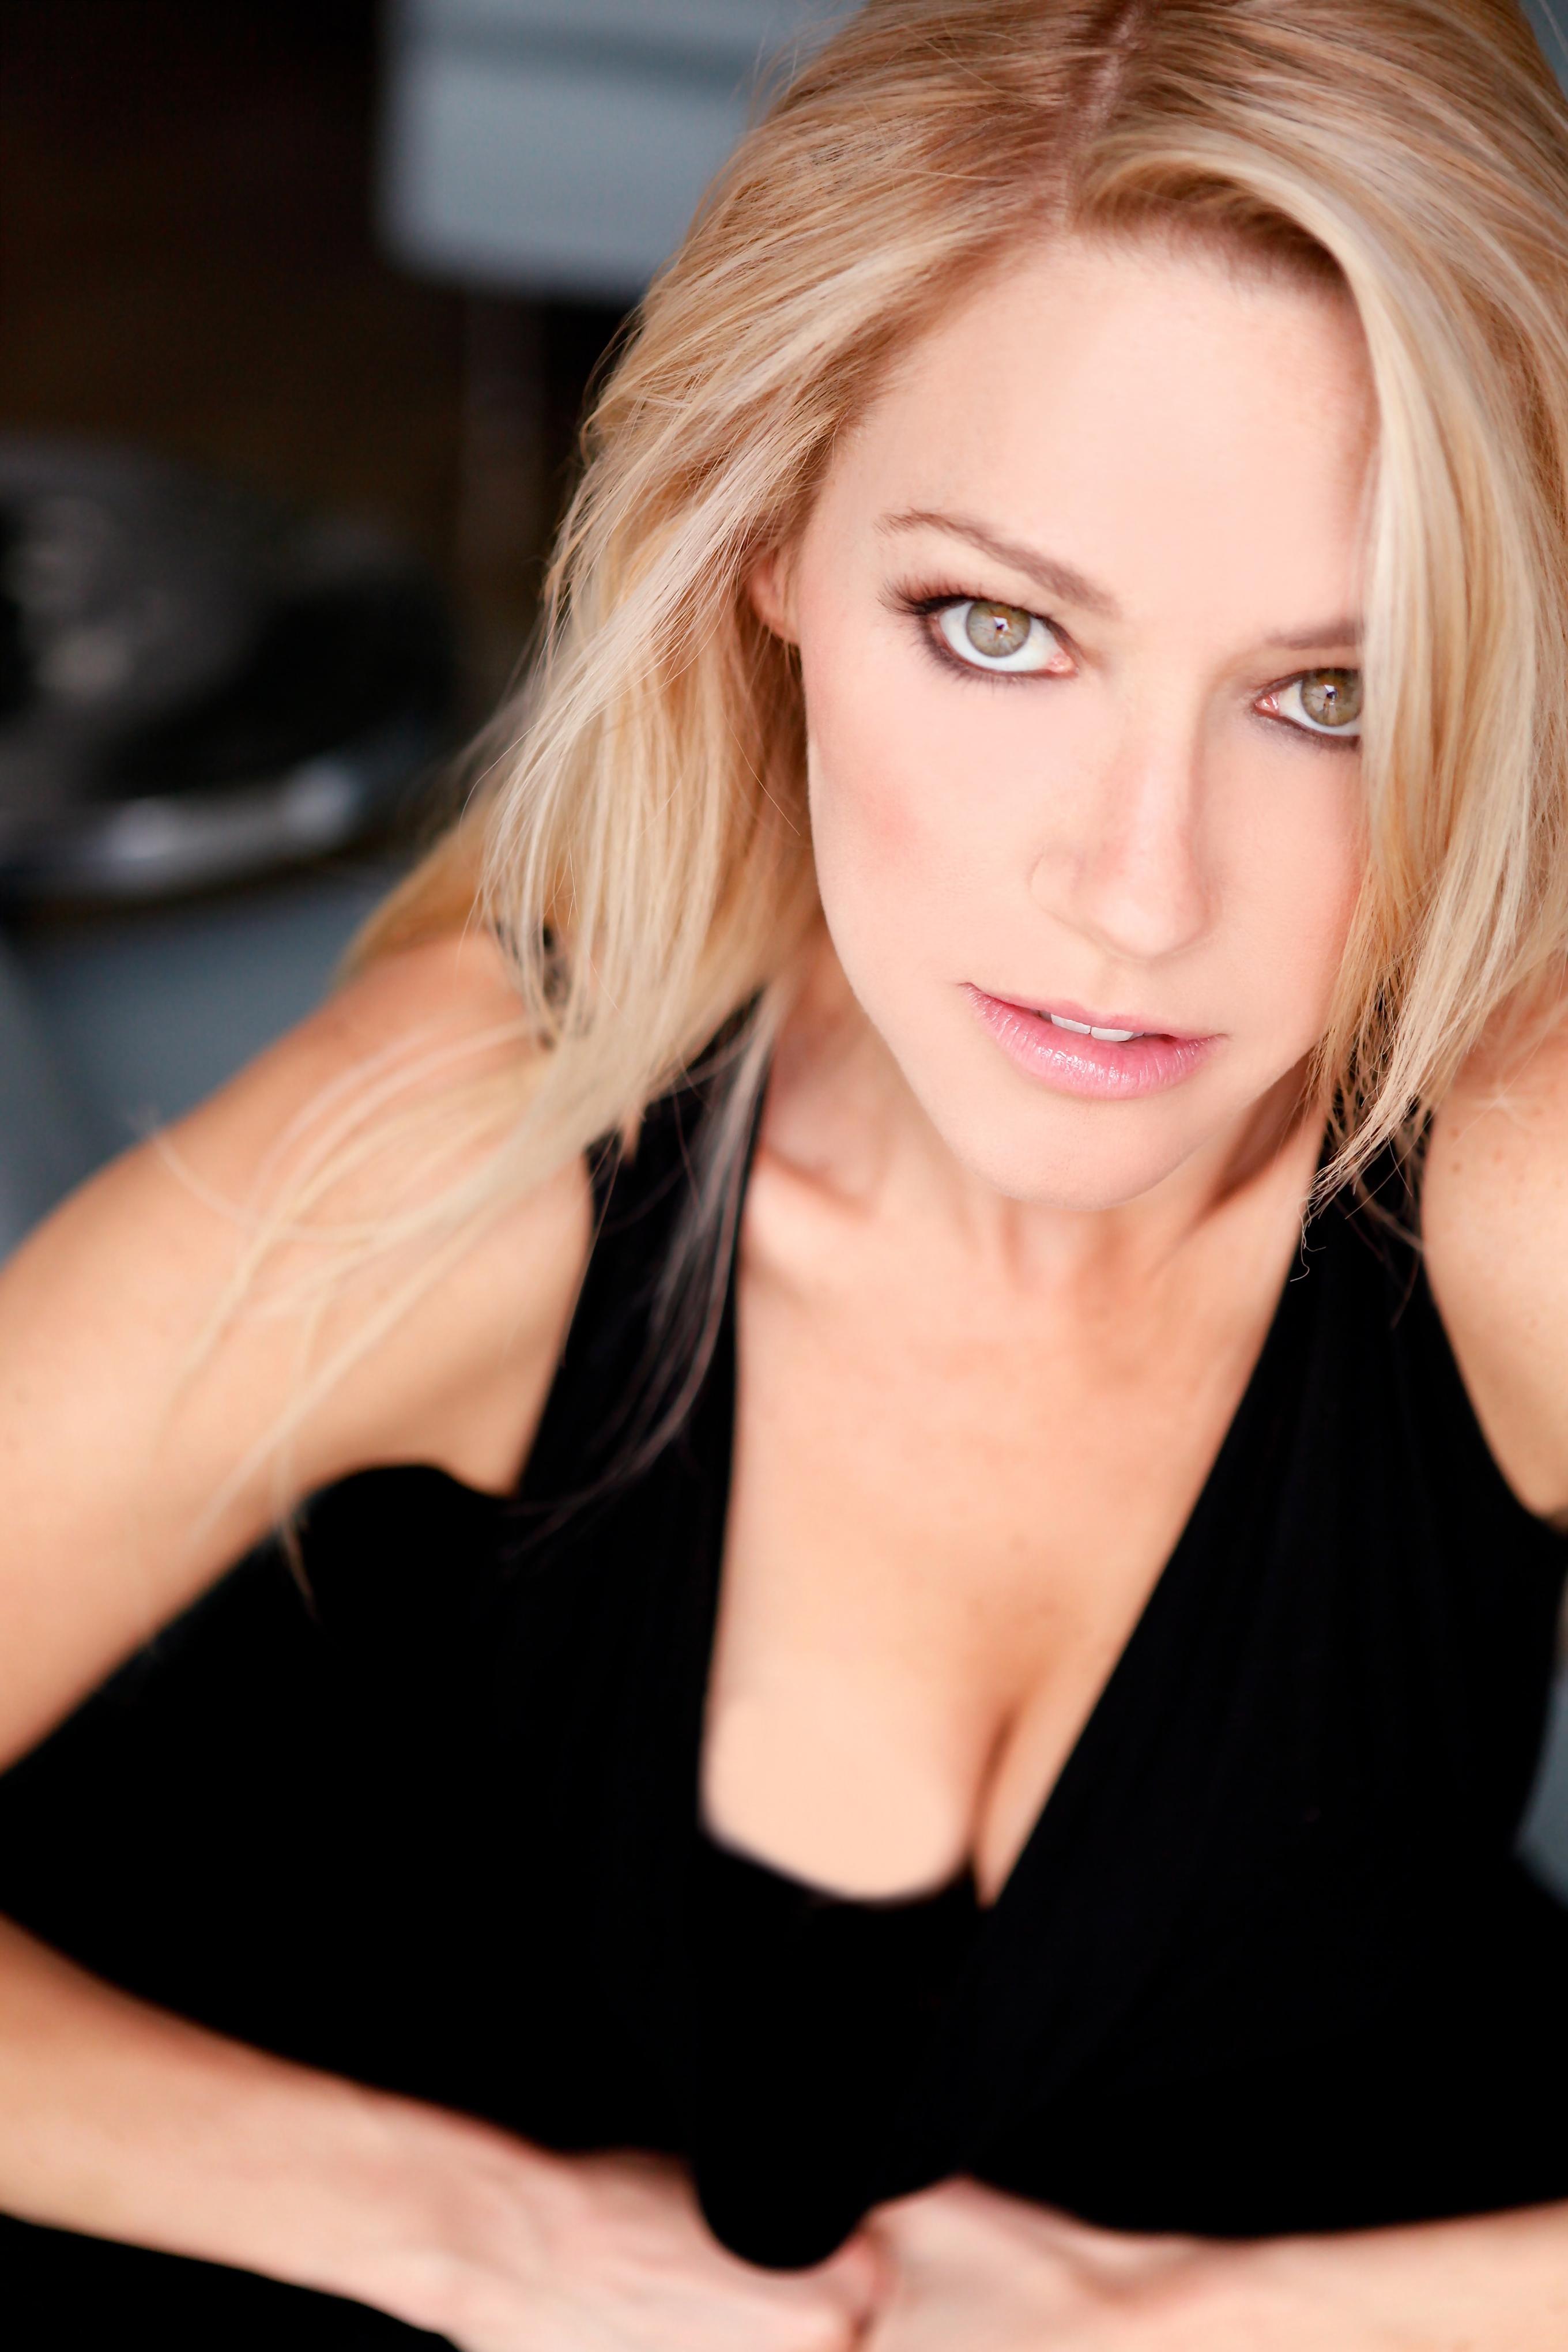 Stephanie Sanditz nude